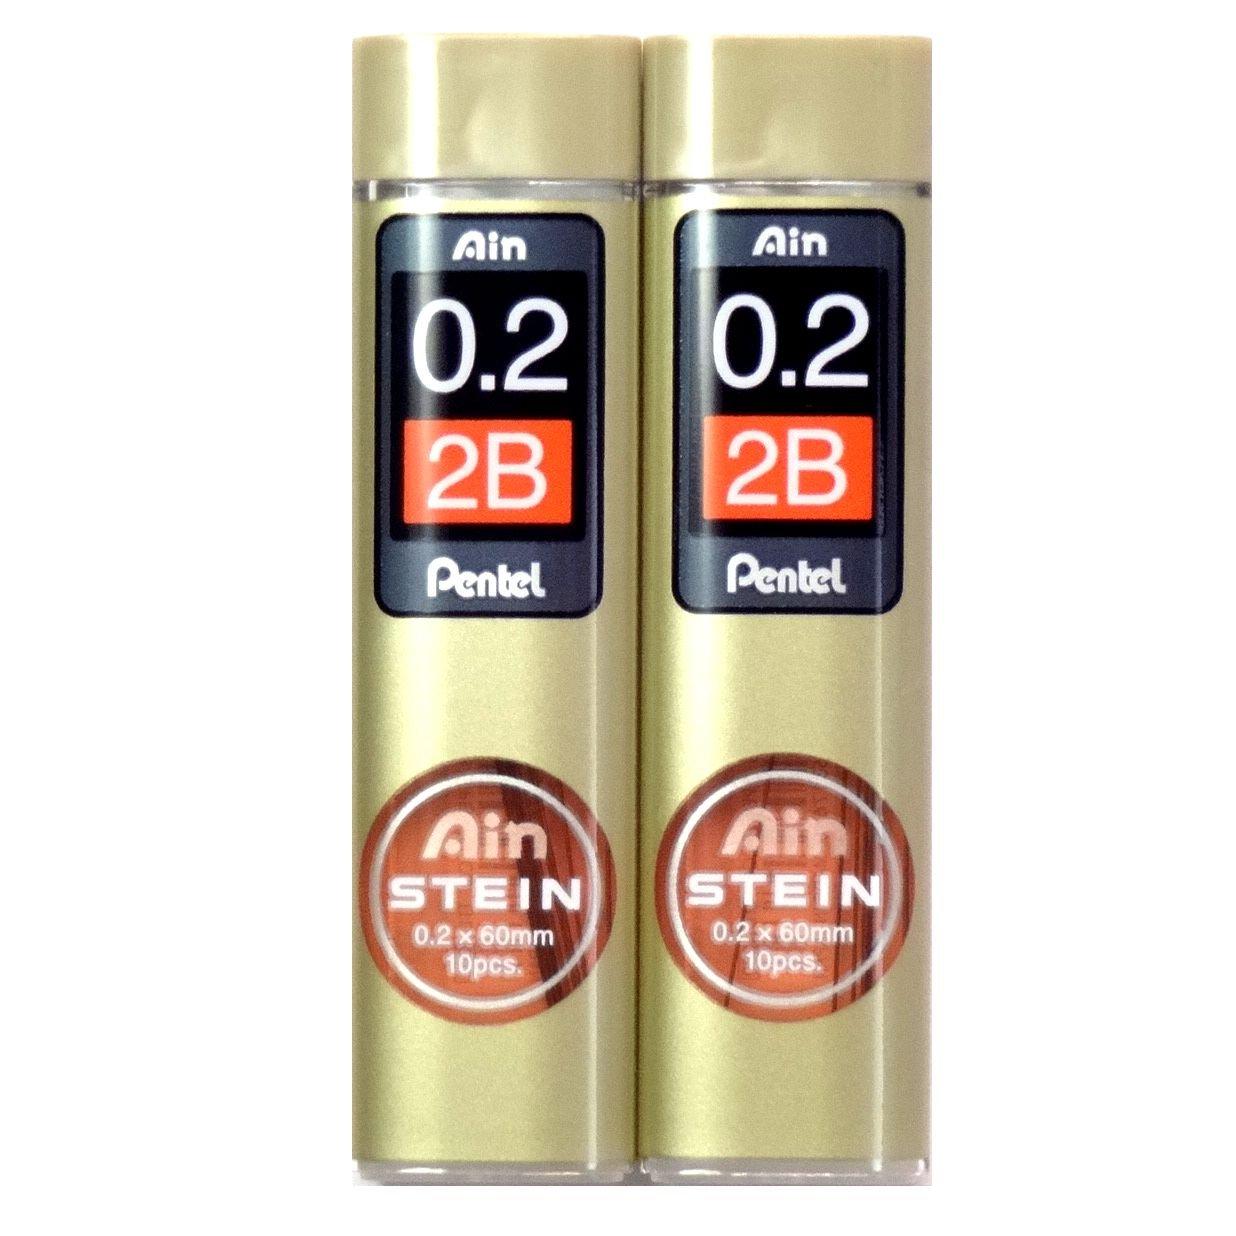 Pentel Ain Stein 20 Minas (2 Tubos) 0.2mm 2B